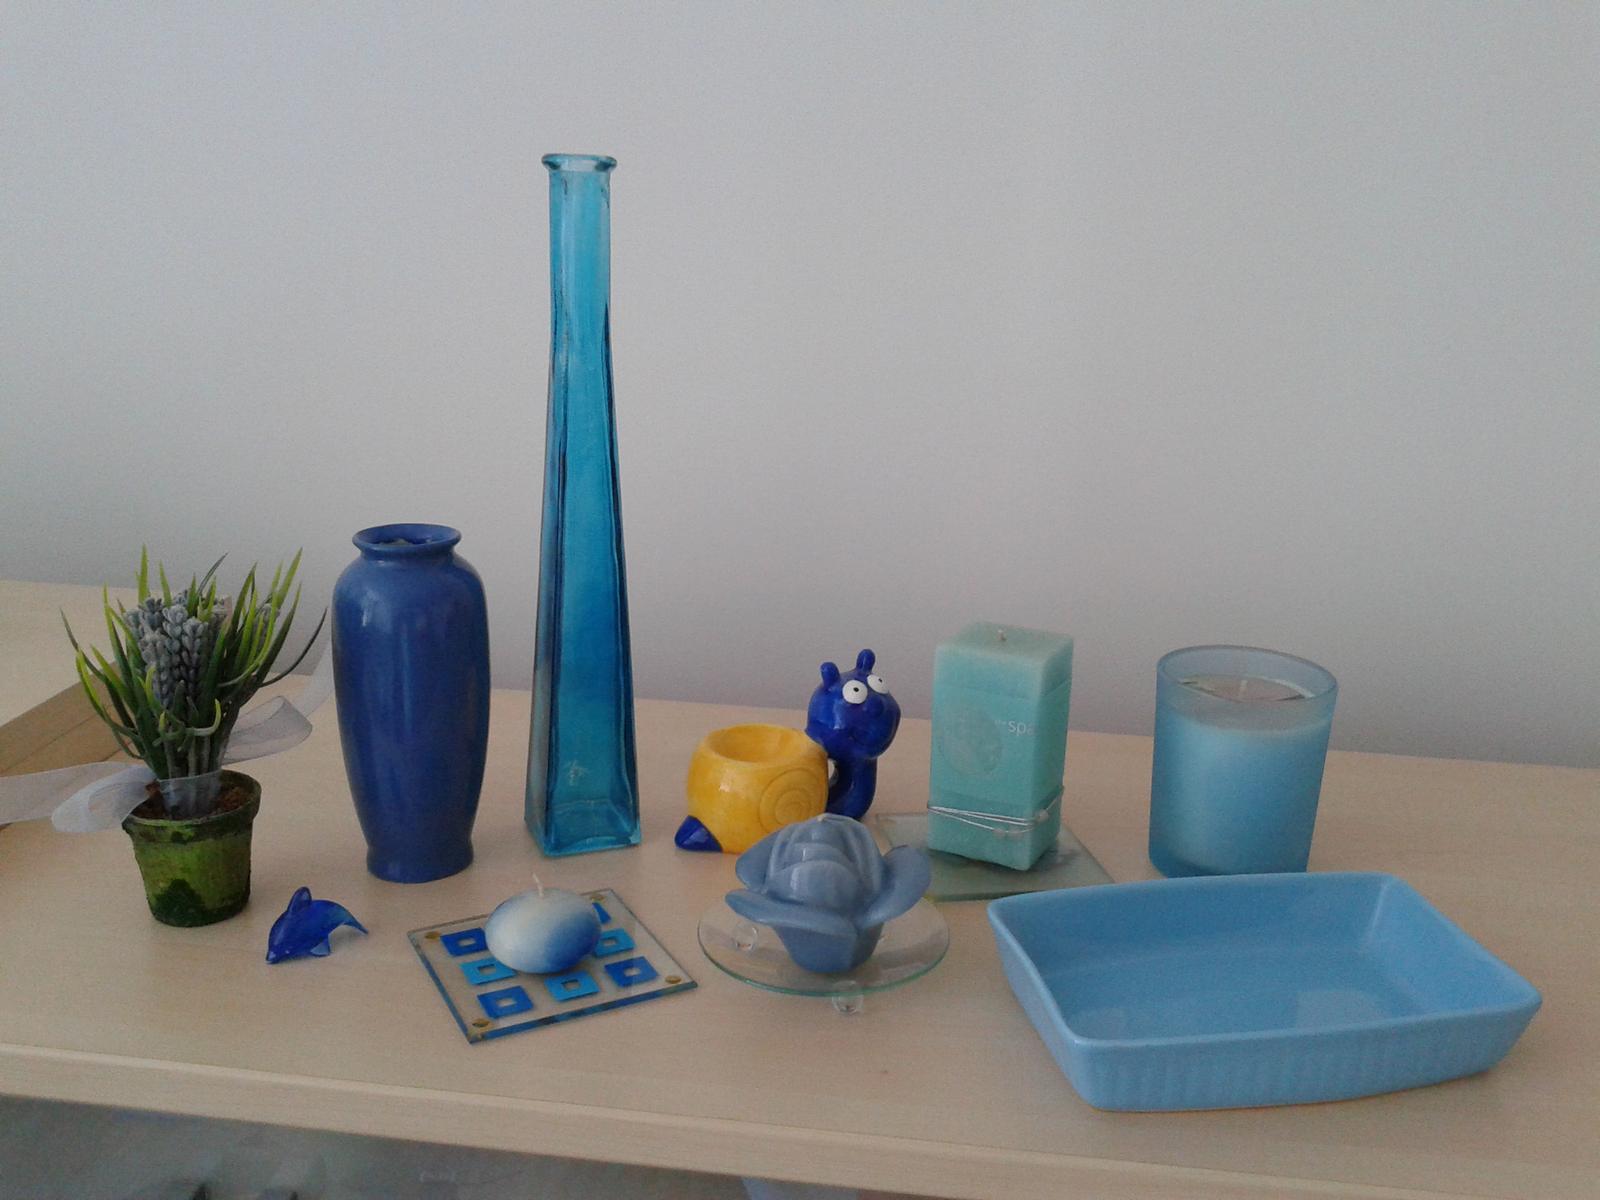 dekorácie modré - Obrázok č. 1